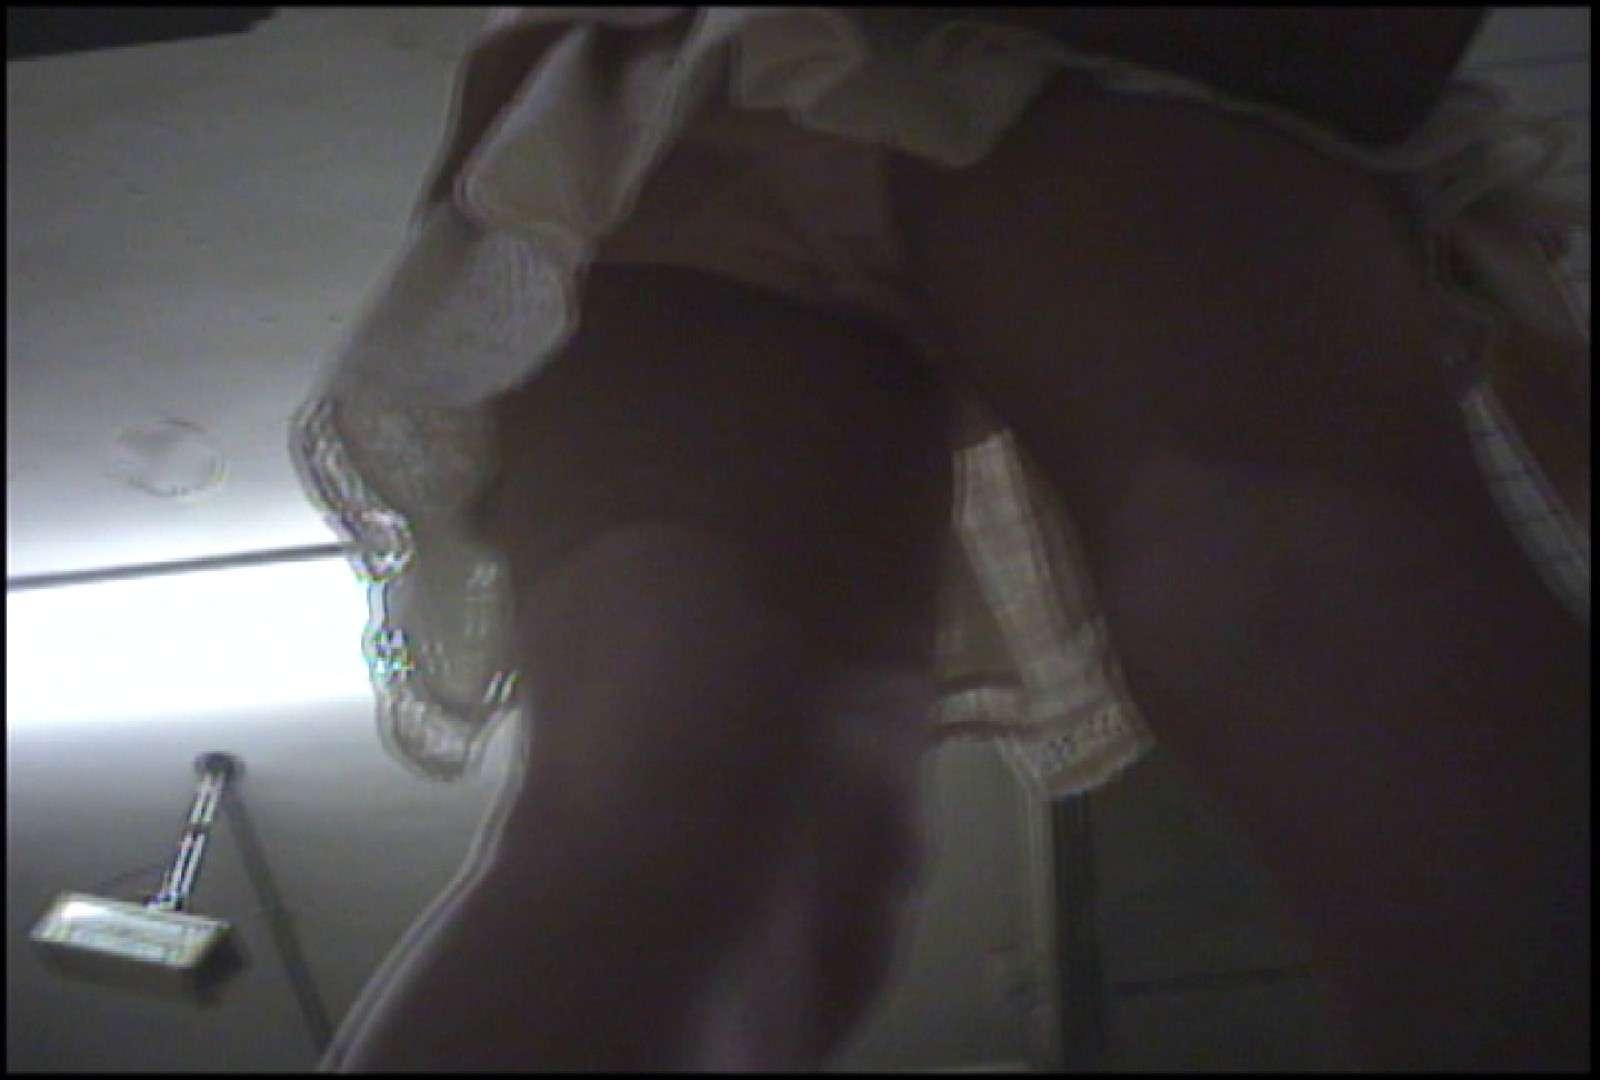 「しん」さんの逆さバイキングVol.2 パンチラ放出 盗撮エロ画像 90pic 8